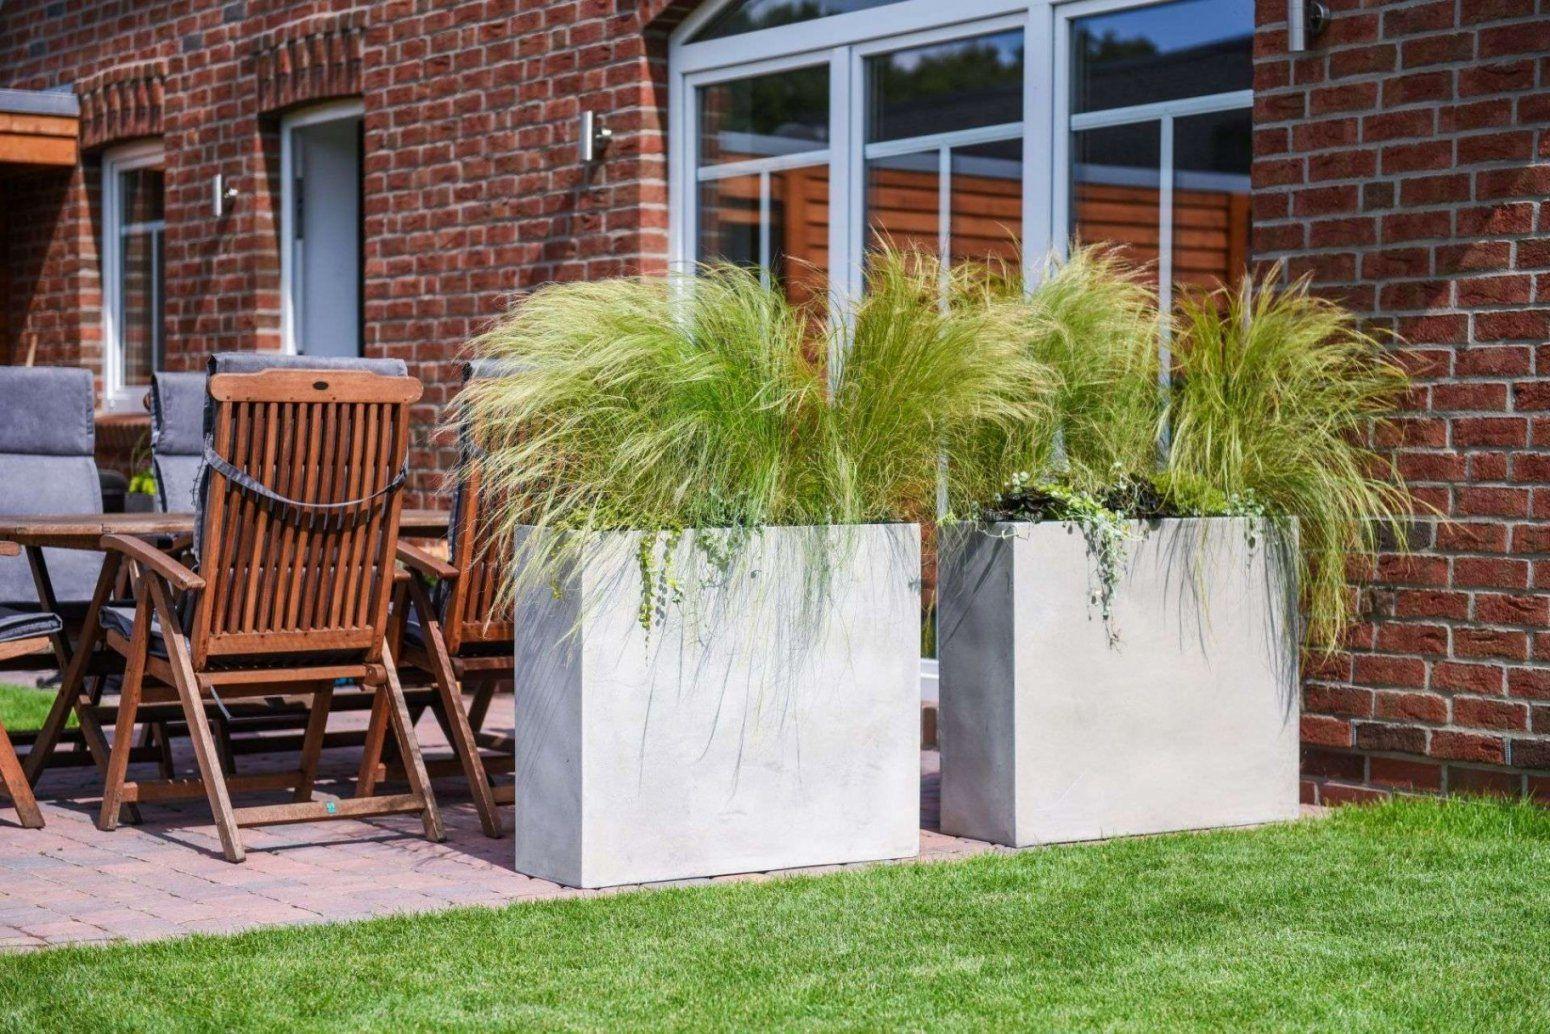 60 Awesome Pflanzen Sichtschutz Terrasse Kubel  Wccp von Pflanzen Als Sichtschutz Terrasse Bild